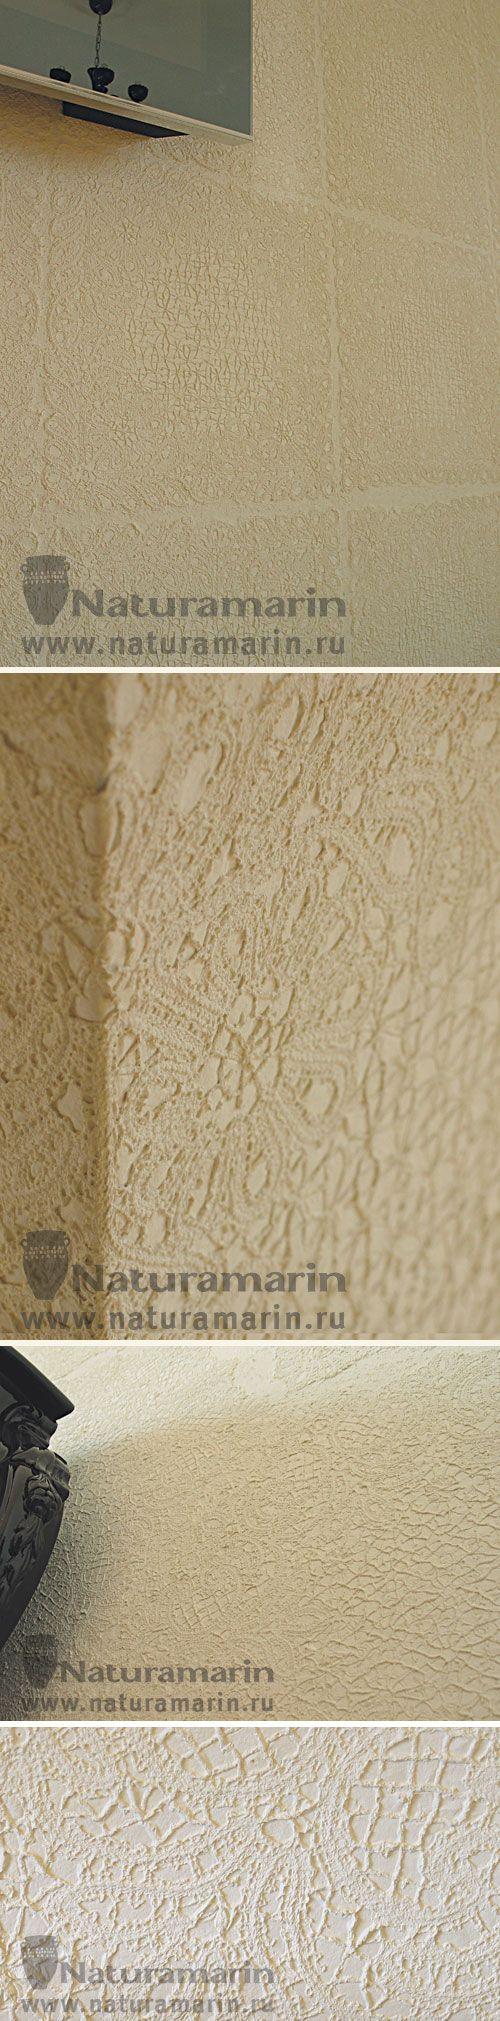 AURO-Россия |Натуральные краски для стен и потолка | Натуральные краски по дереву